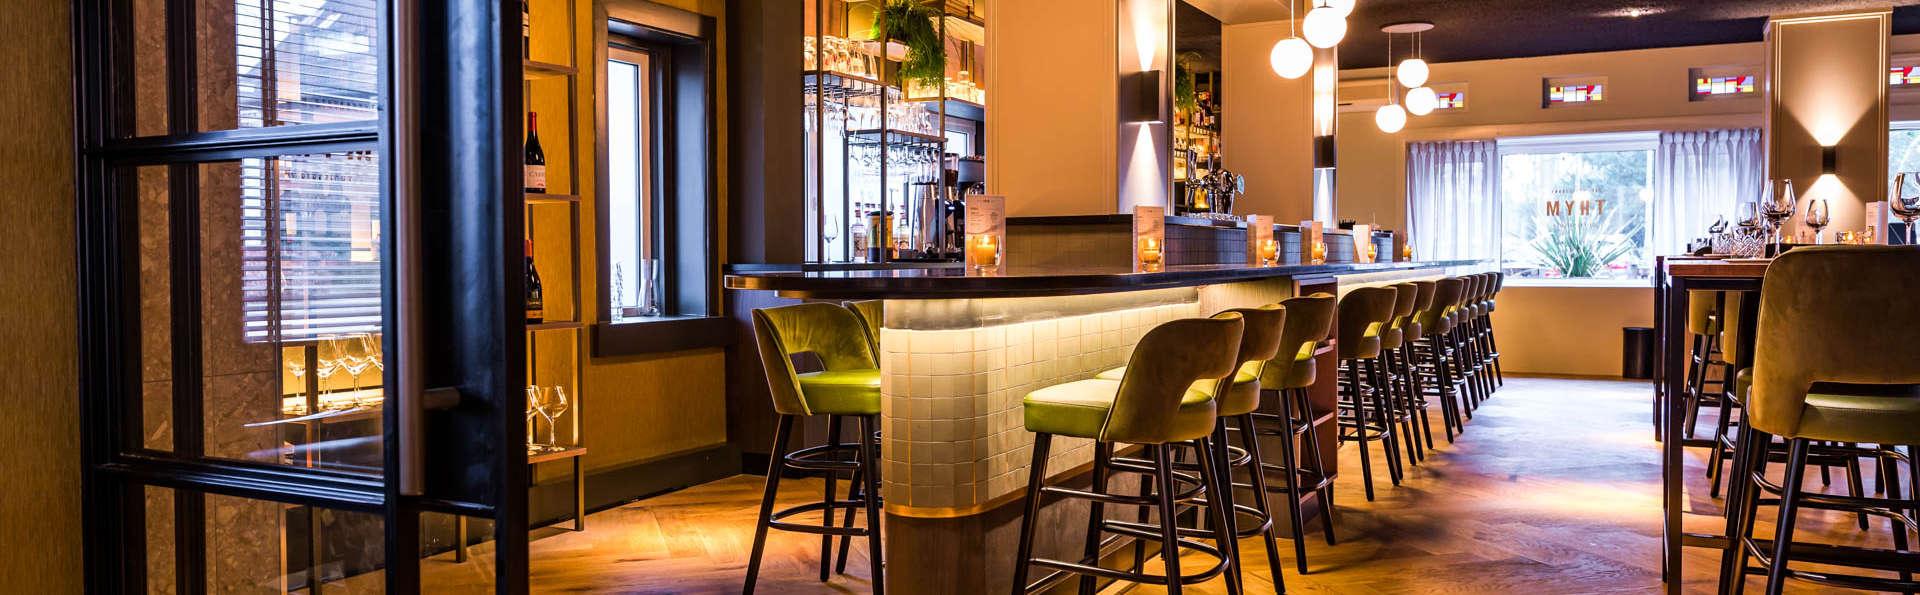 Hotel Parkzicht Eindhoven - EDIT_N2_DINNER6.jpg